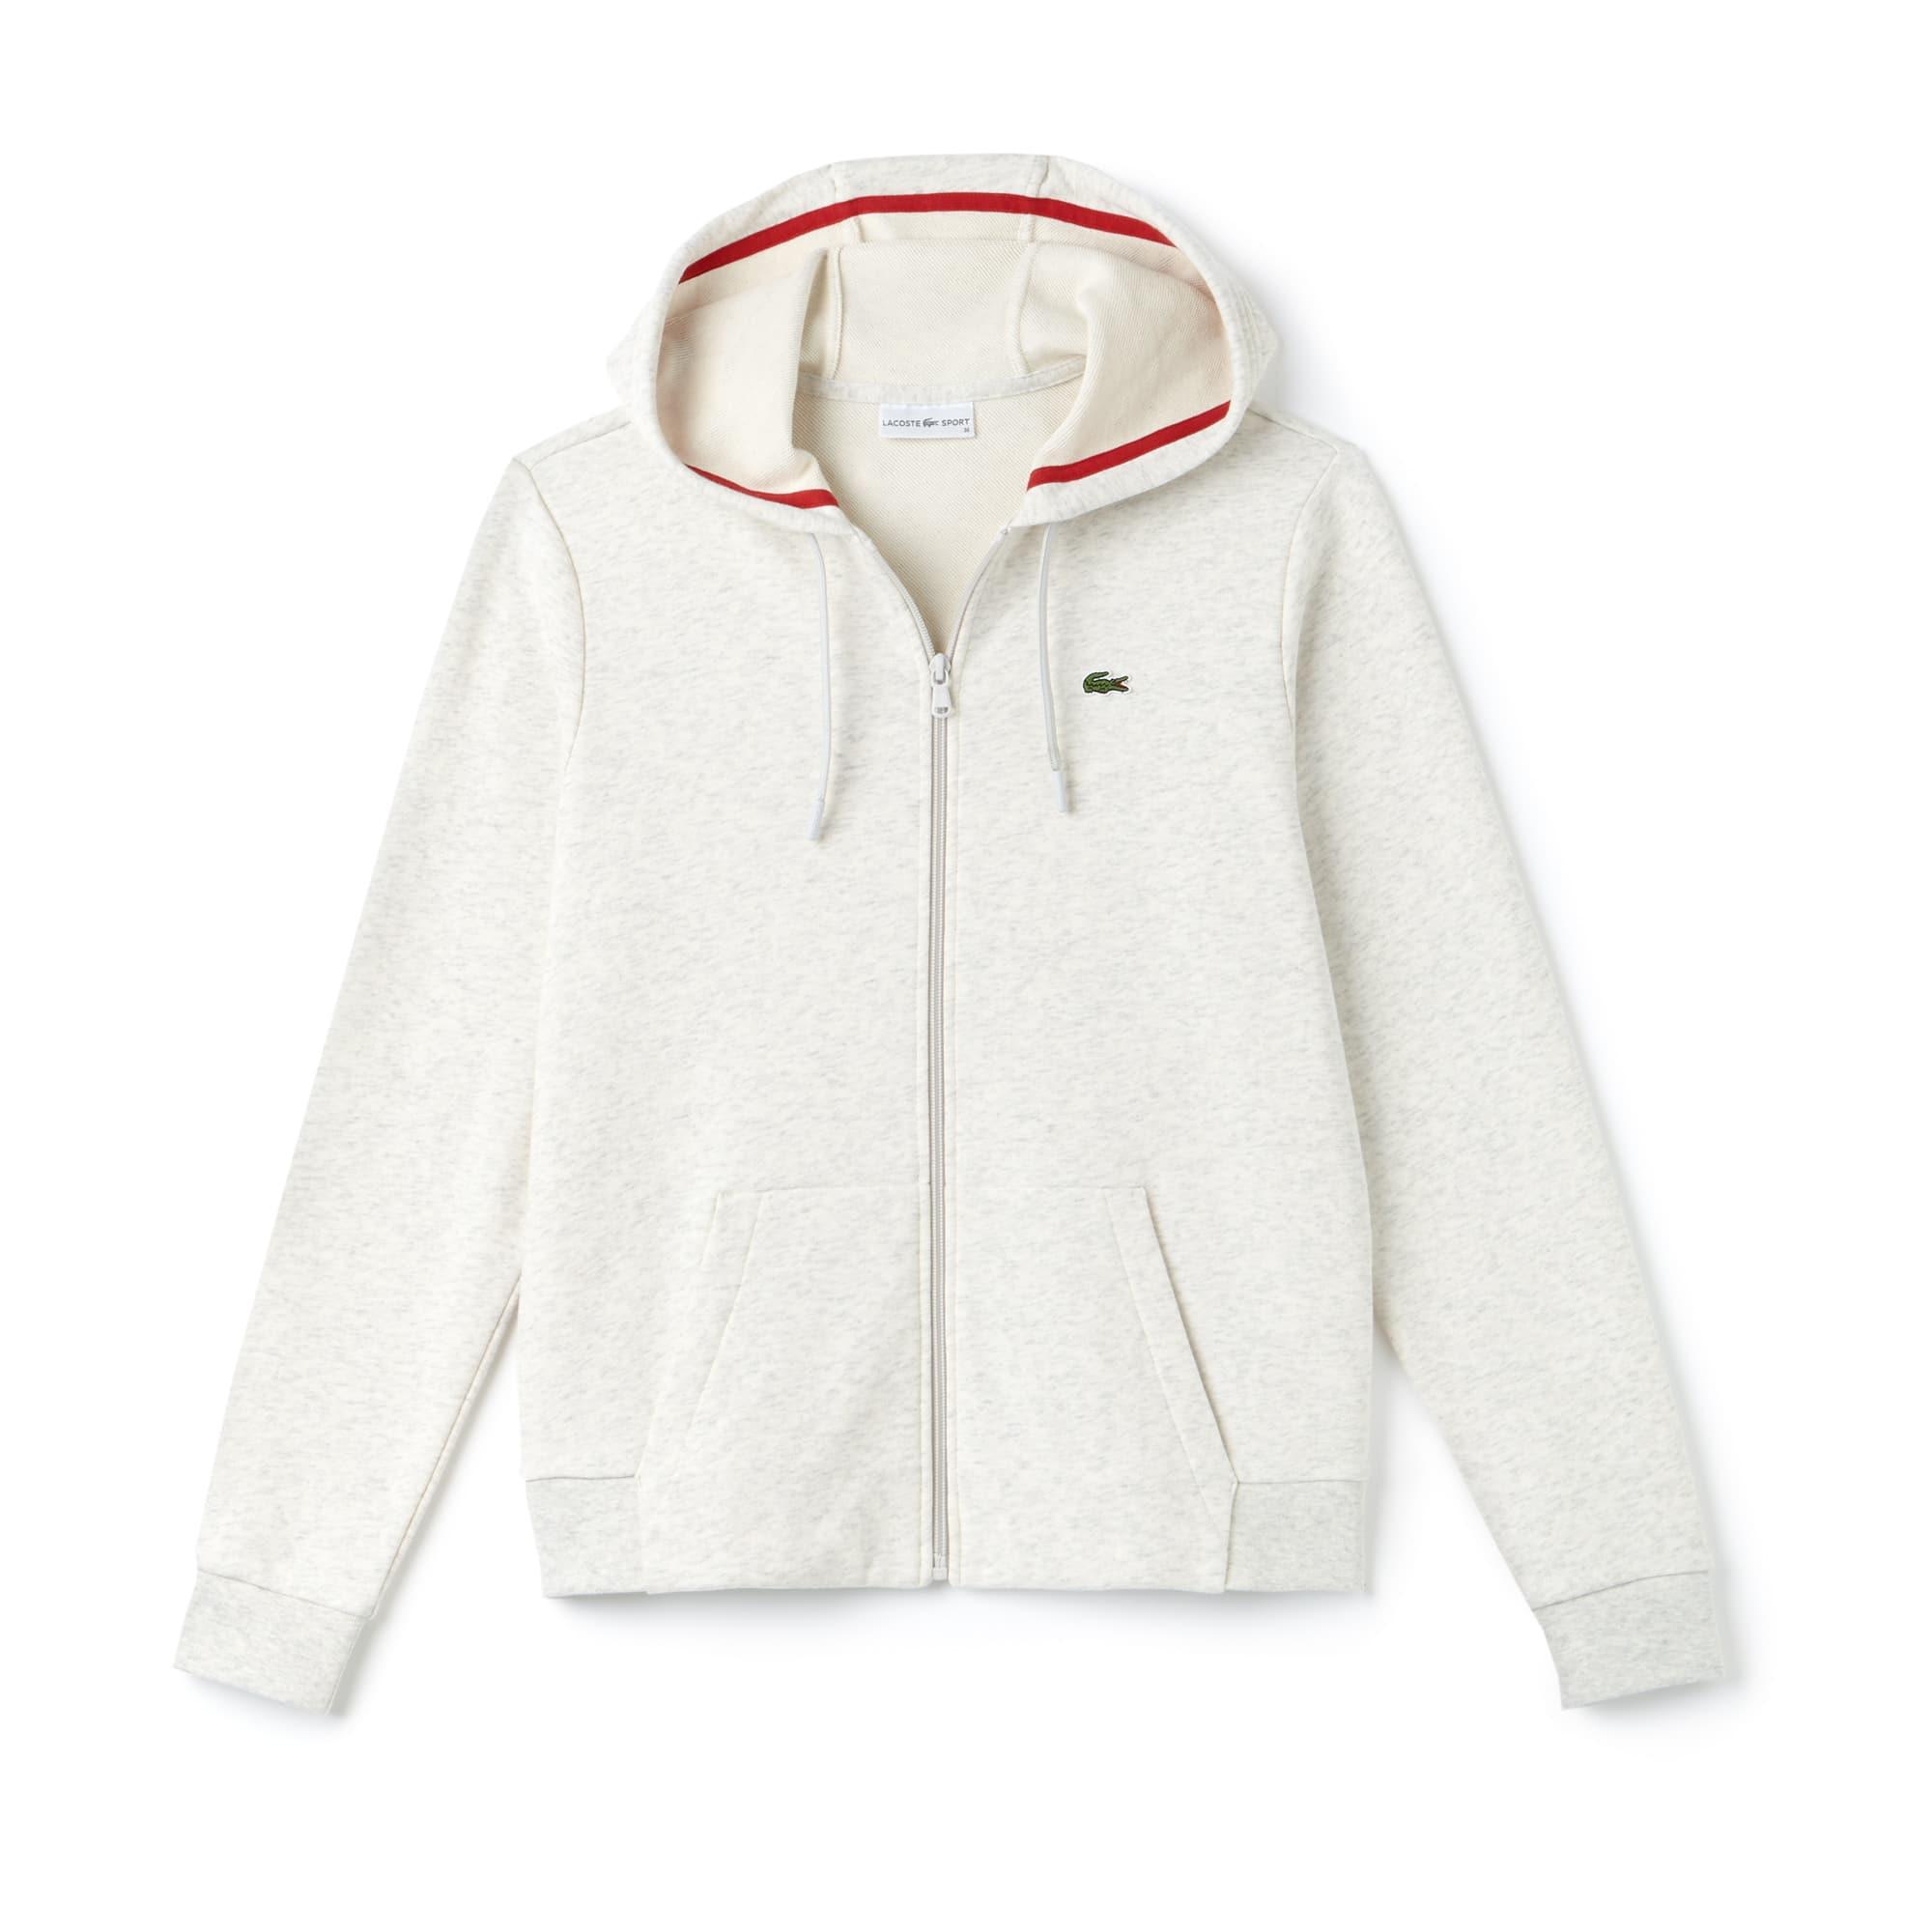 5a5988dd52b1 Sweatshirt zippé à capuche Tennis Lacoste SPORT ...